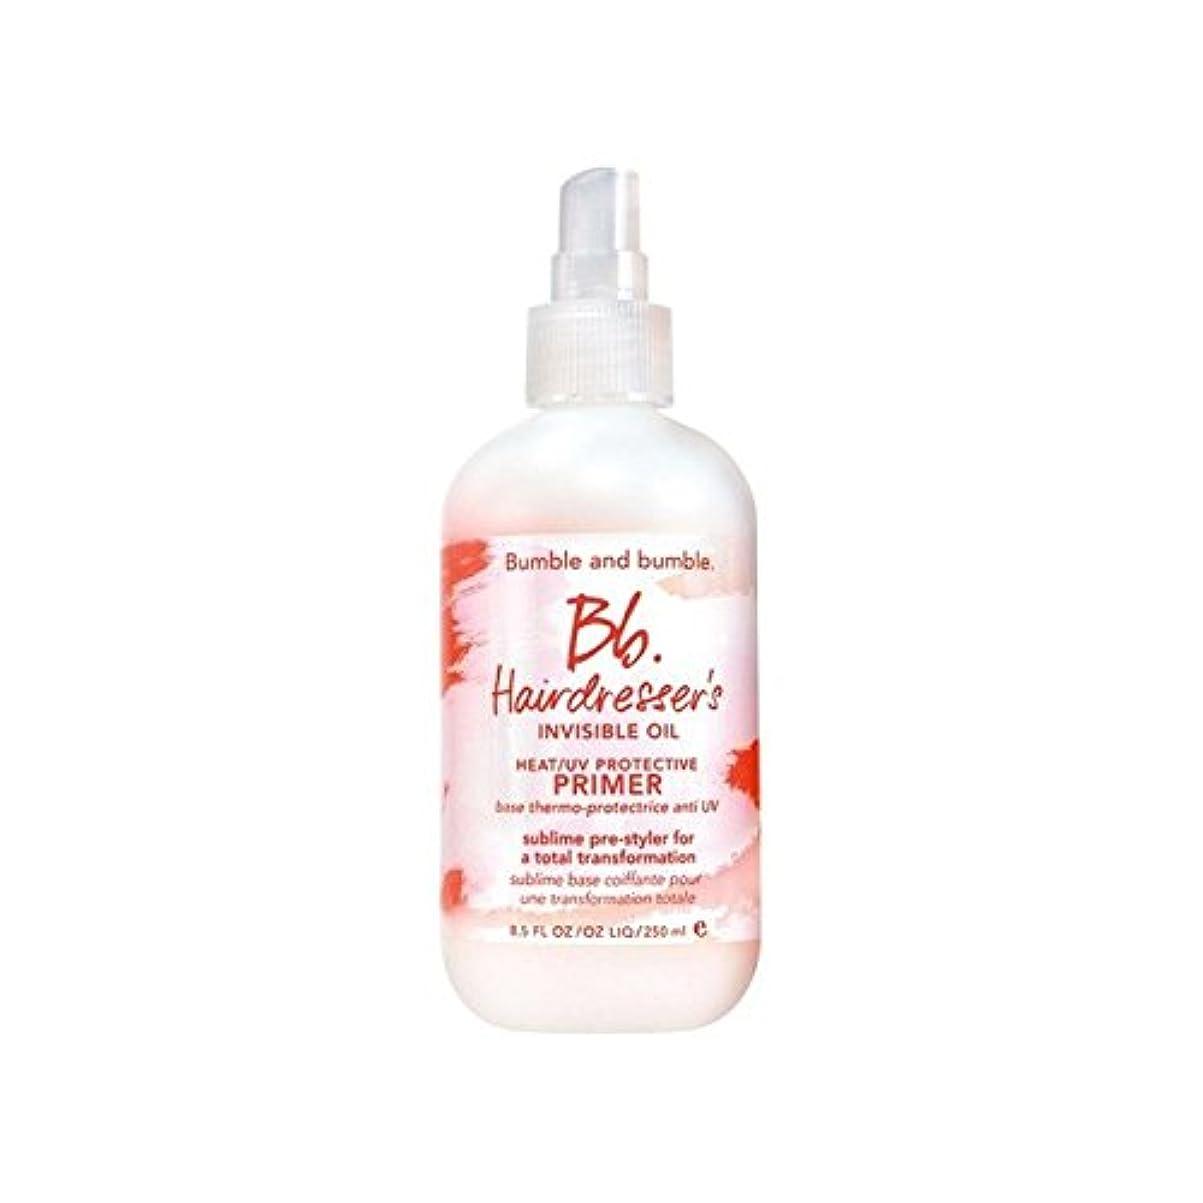 試みる発掘おかしいBumble & Bumble Hairdressers Invisible Oil Heat/Uv Protective Primer (250ml) - 美容見えないオイル熱/ 保護プライマー(250ミリリットル)...